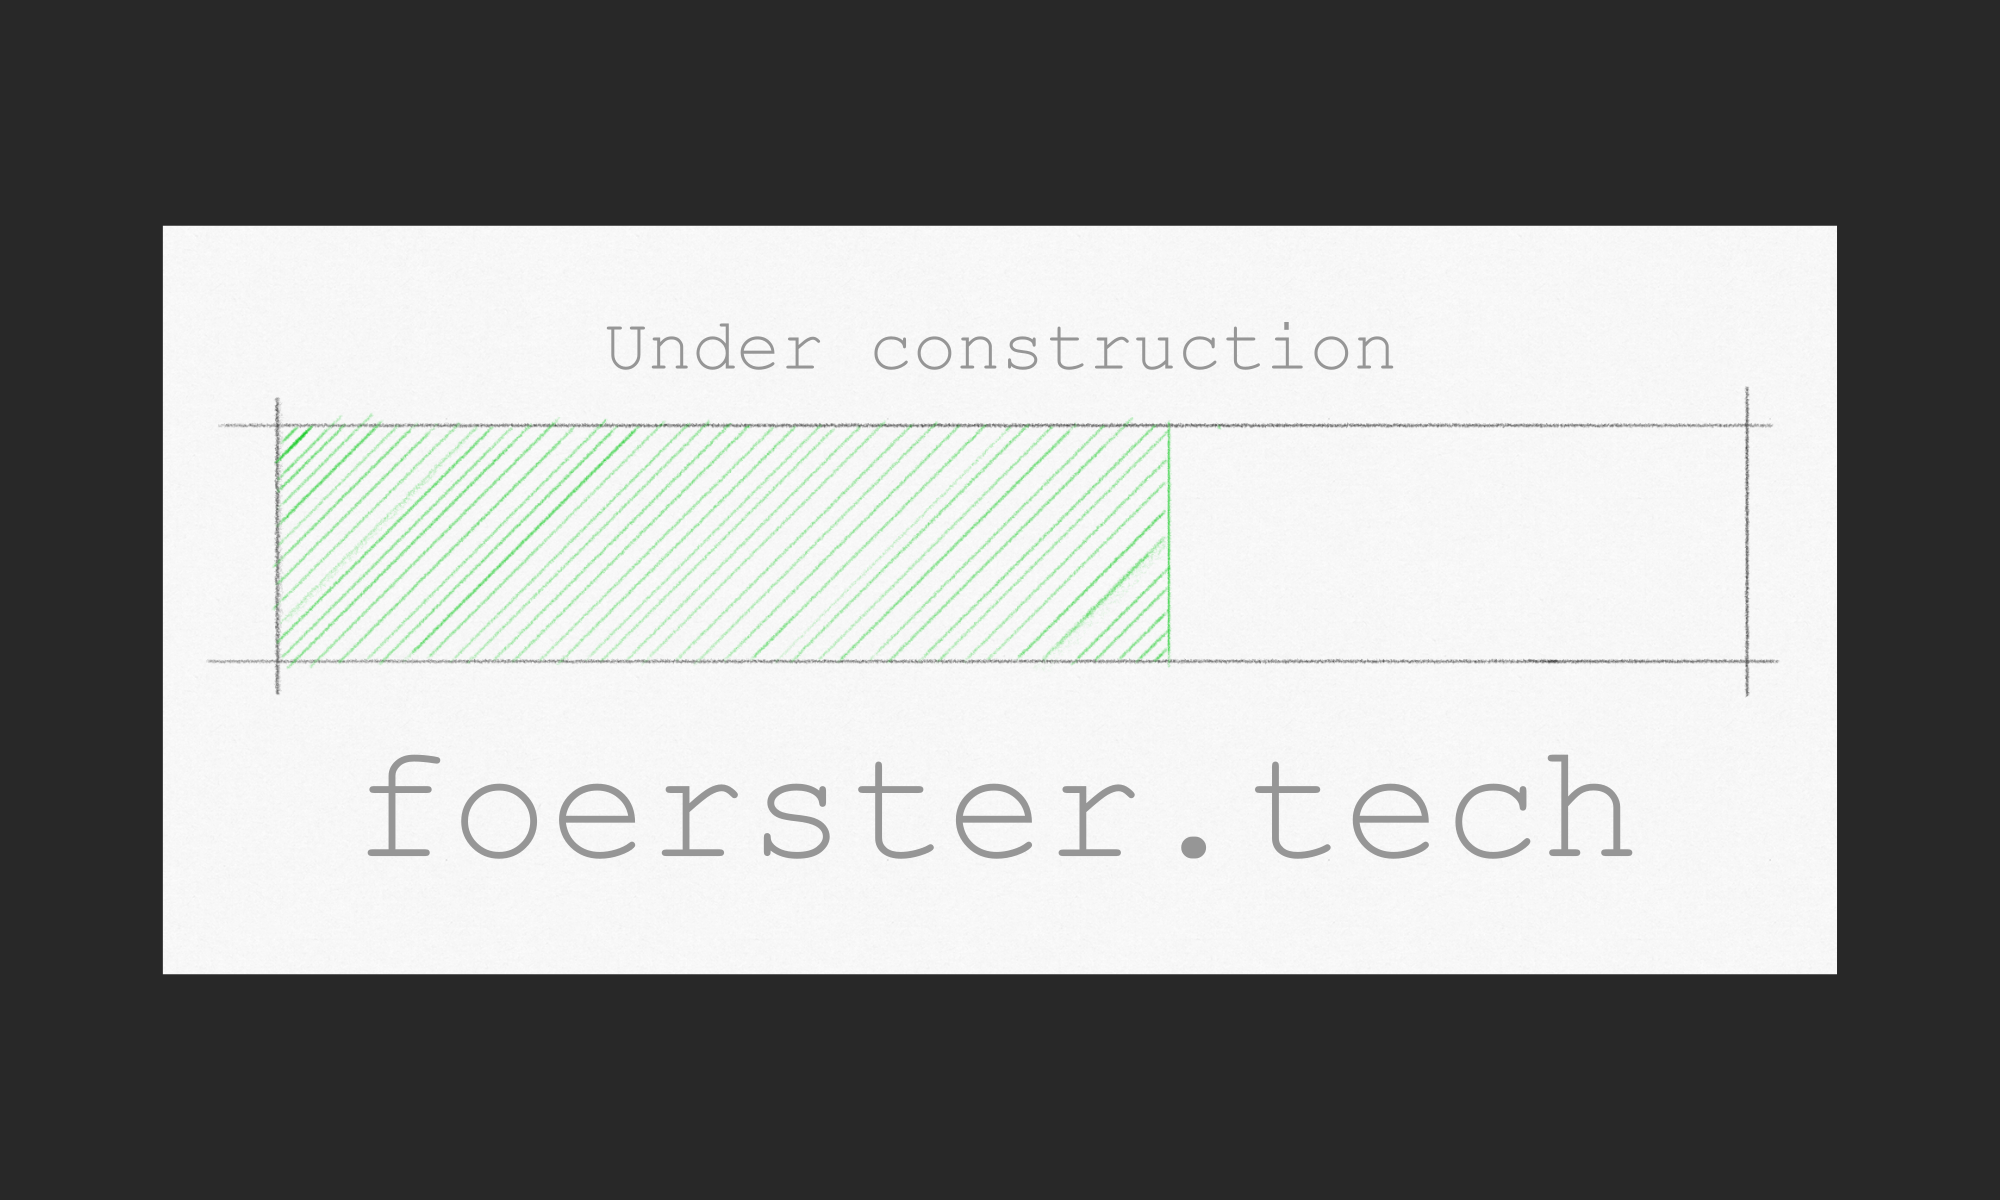 foerster.tech